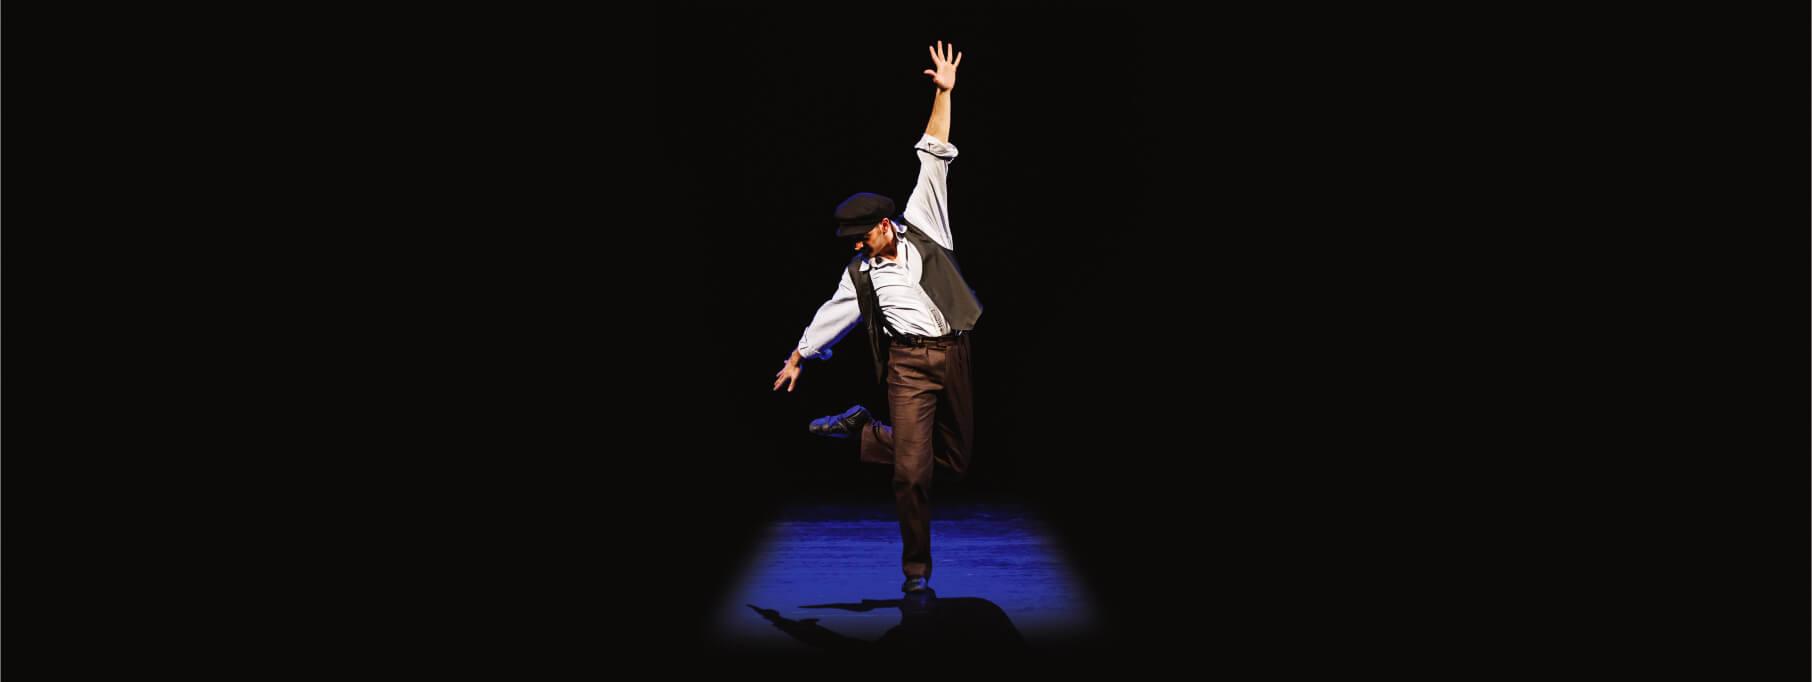 ZORBA: Spectacol extraordinar de balet, în Premieră națională absolută, Vineri, 26 mai 2017